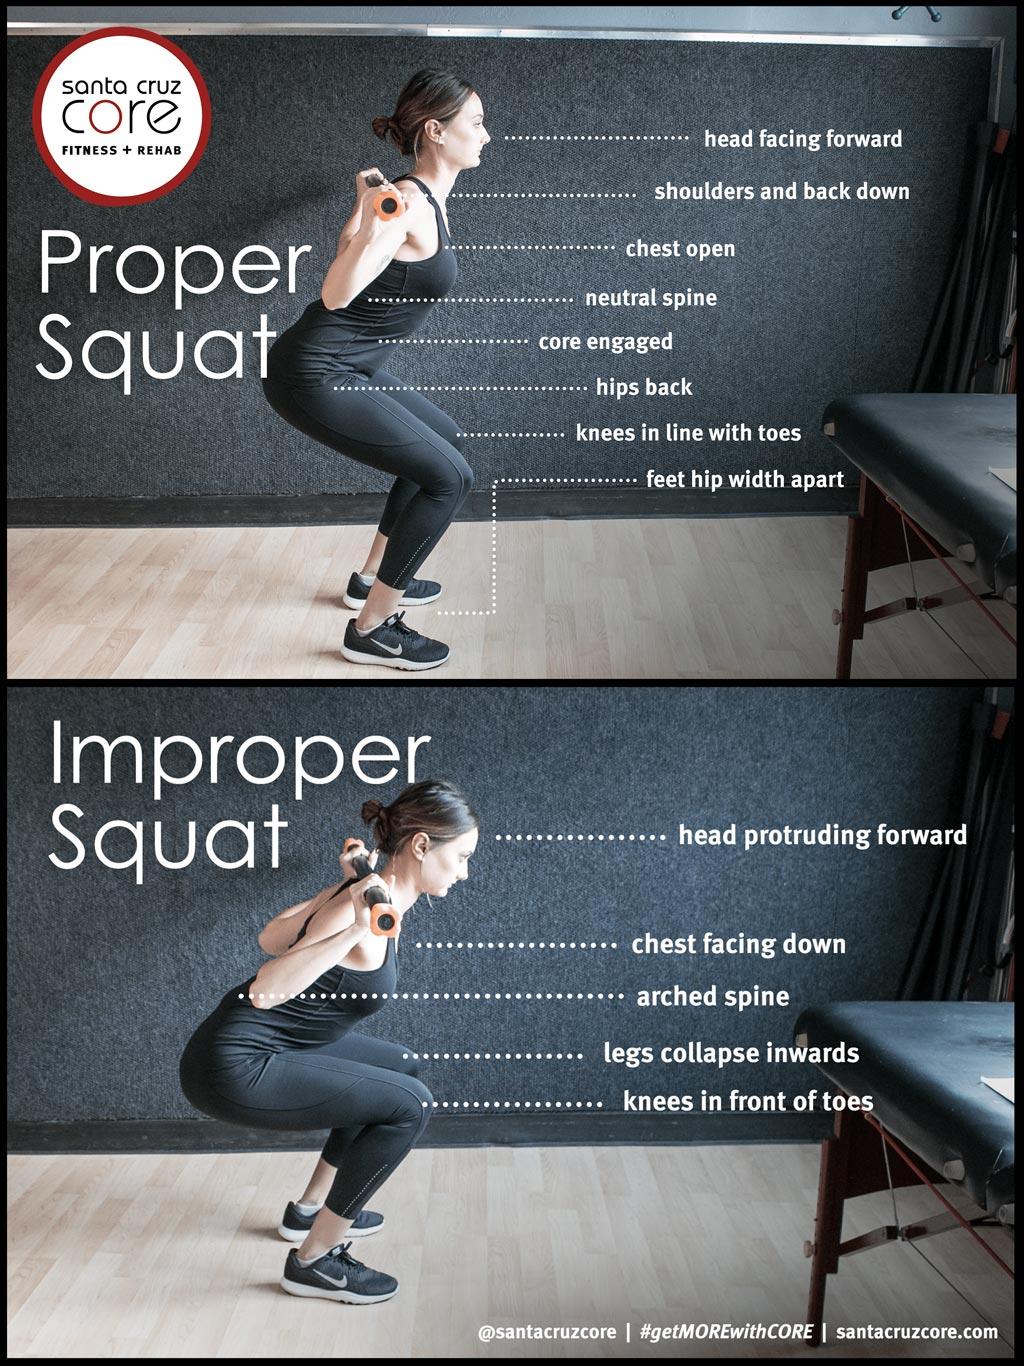 proper-improper-squat_santacruzcore